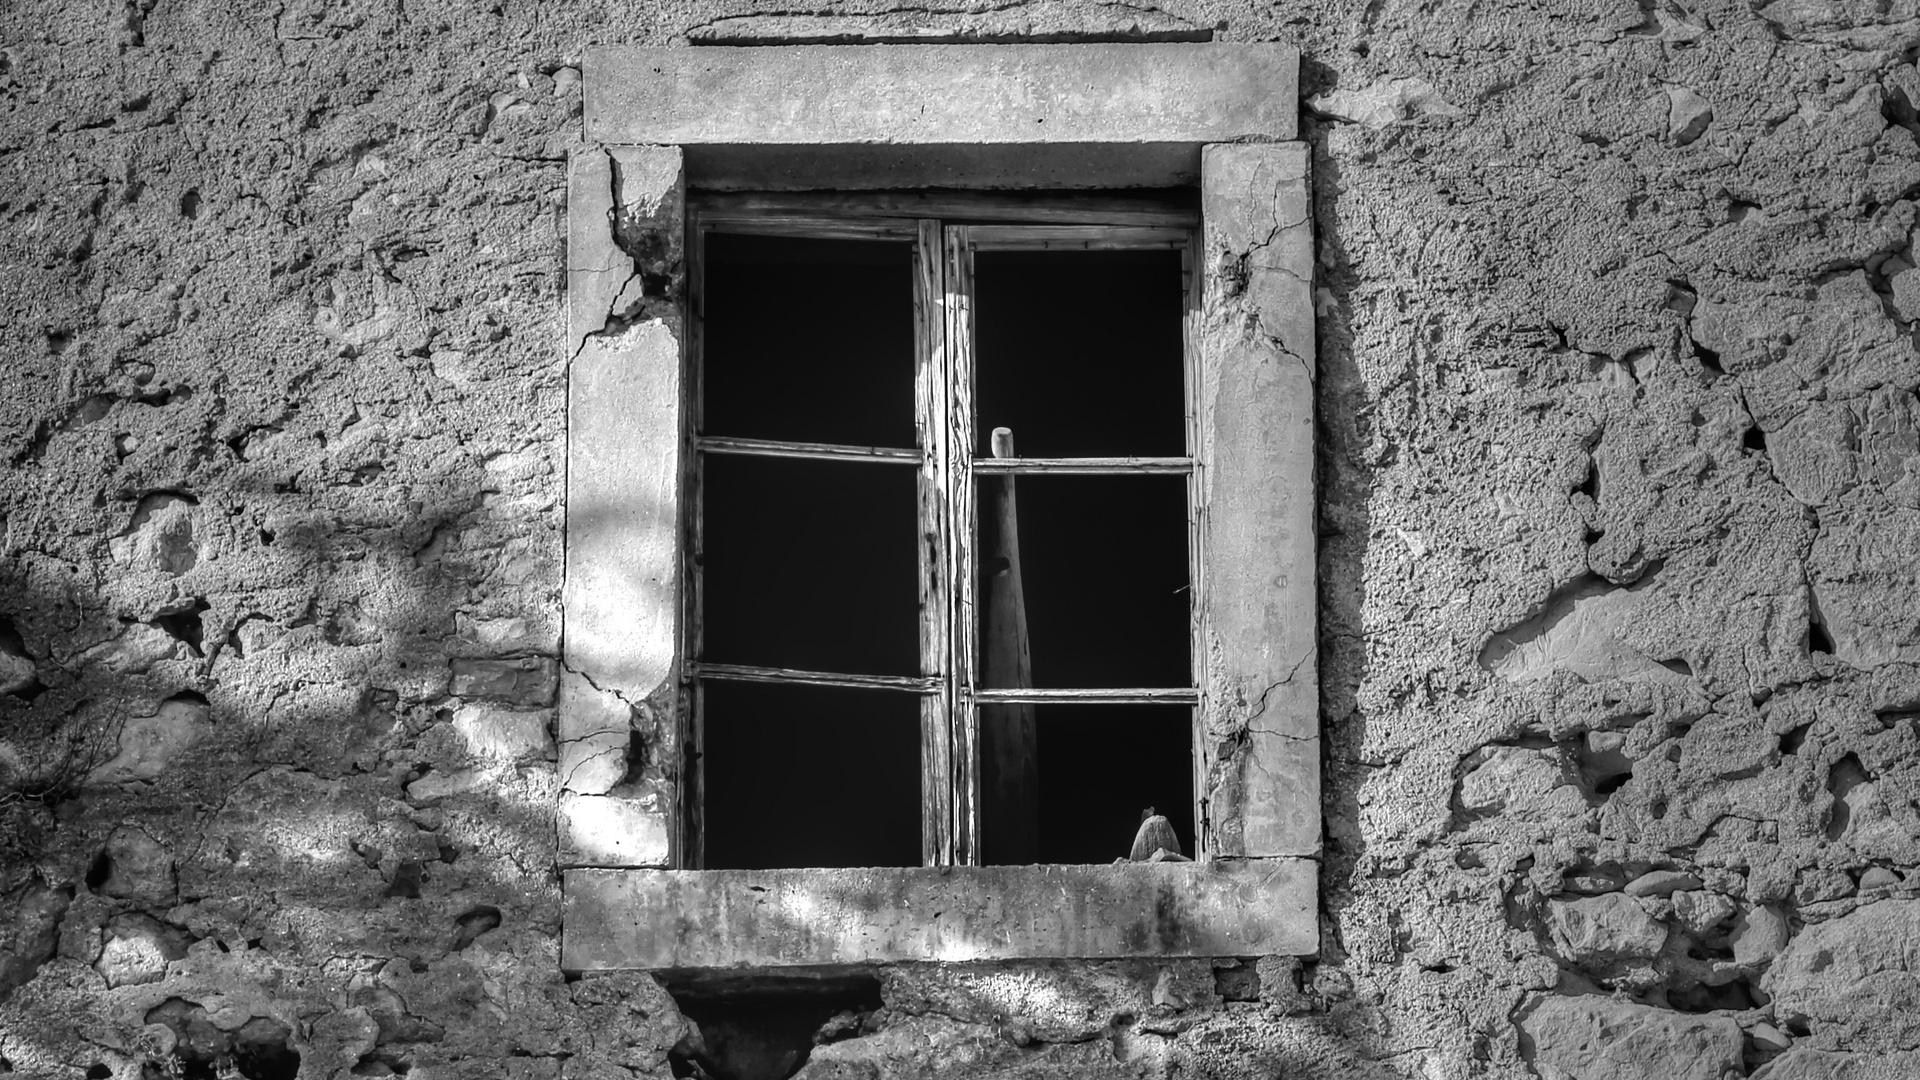 Dalmatien, verlassenes Haus